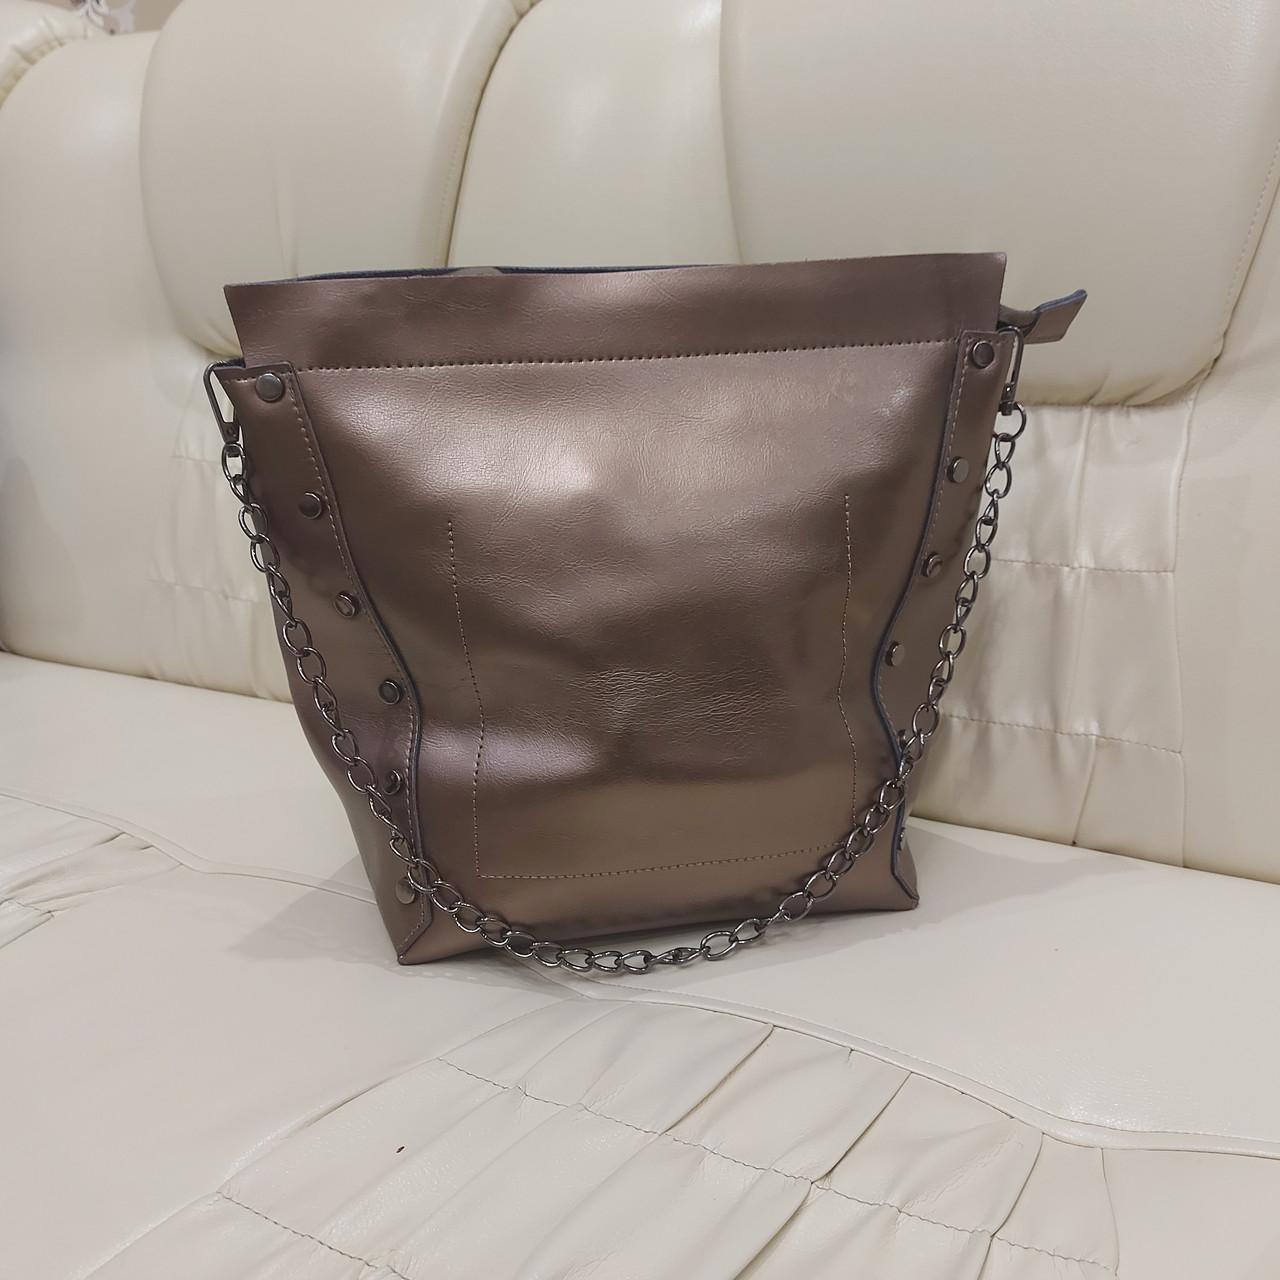 Женская классическая сумка Bronze из натуральной кожи